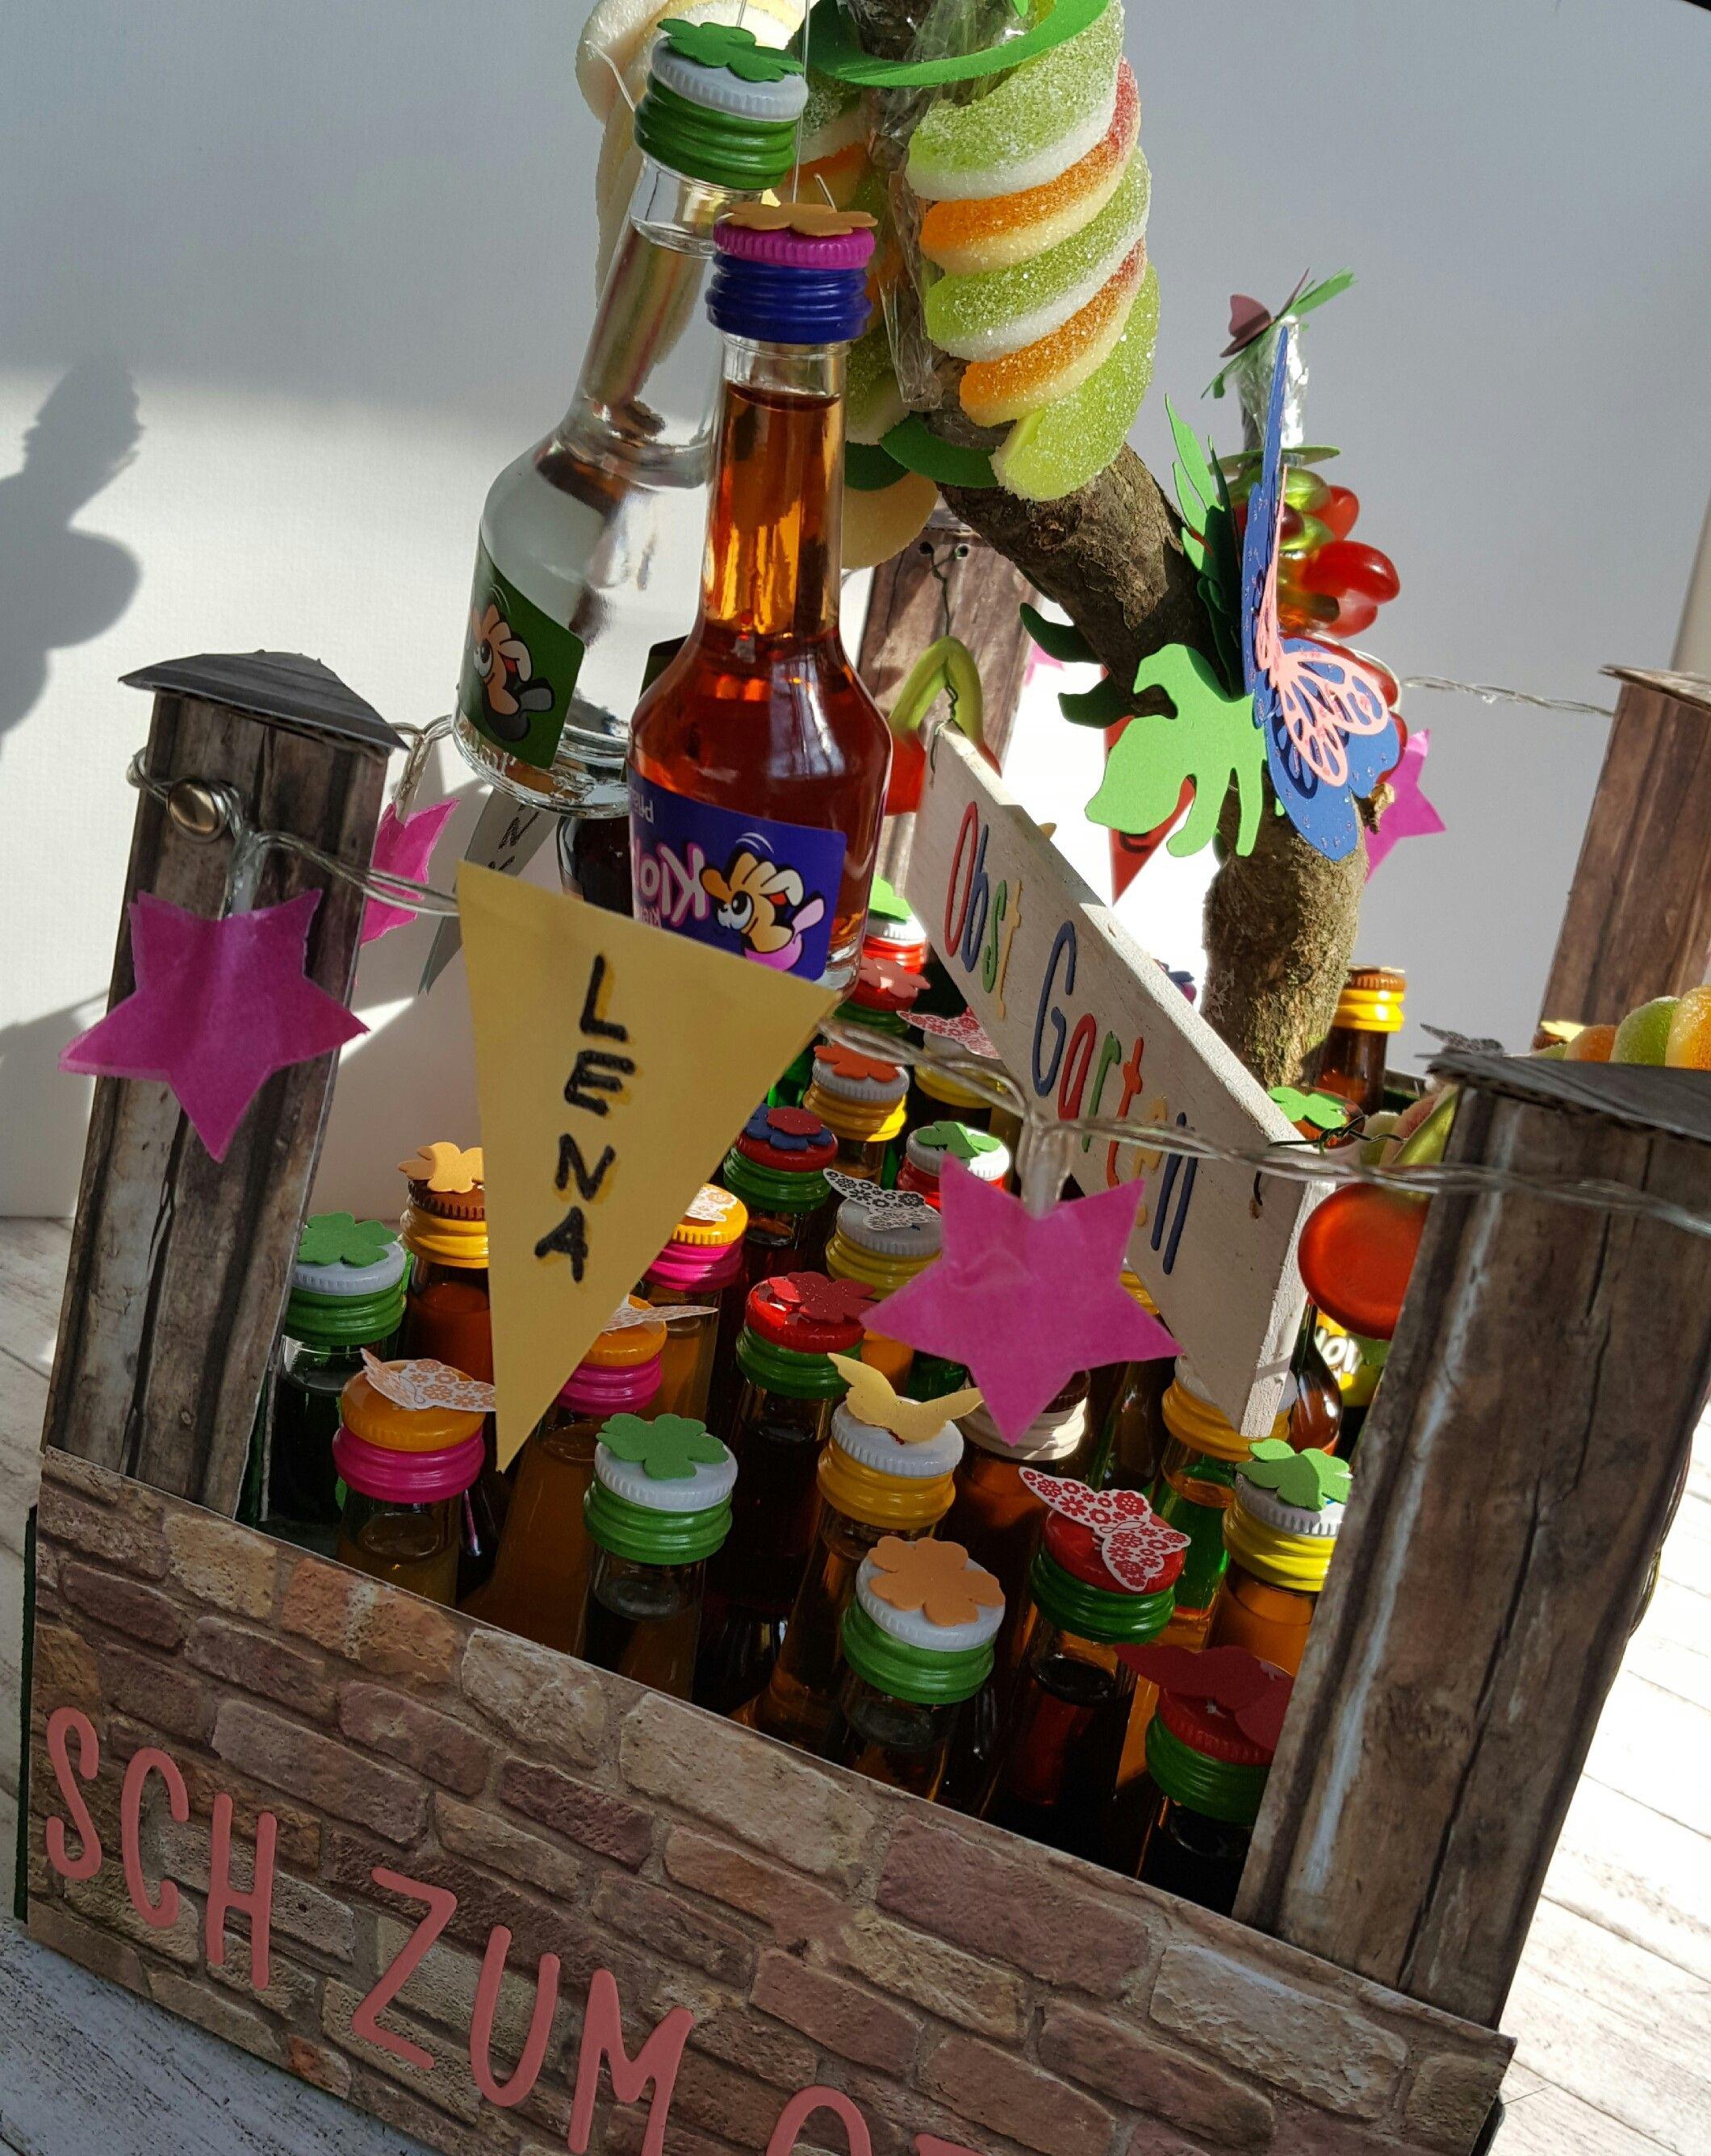 Kleine schn pse klopfer zum geburtstag dekorativ verpackt geschenkideen gifts gift - 70 geburtstag geschenk selbstgemacht ...